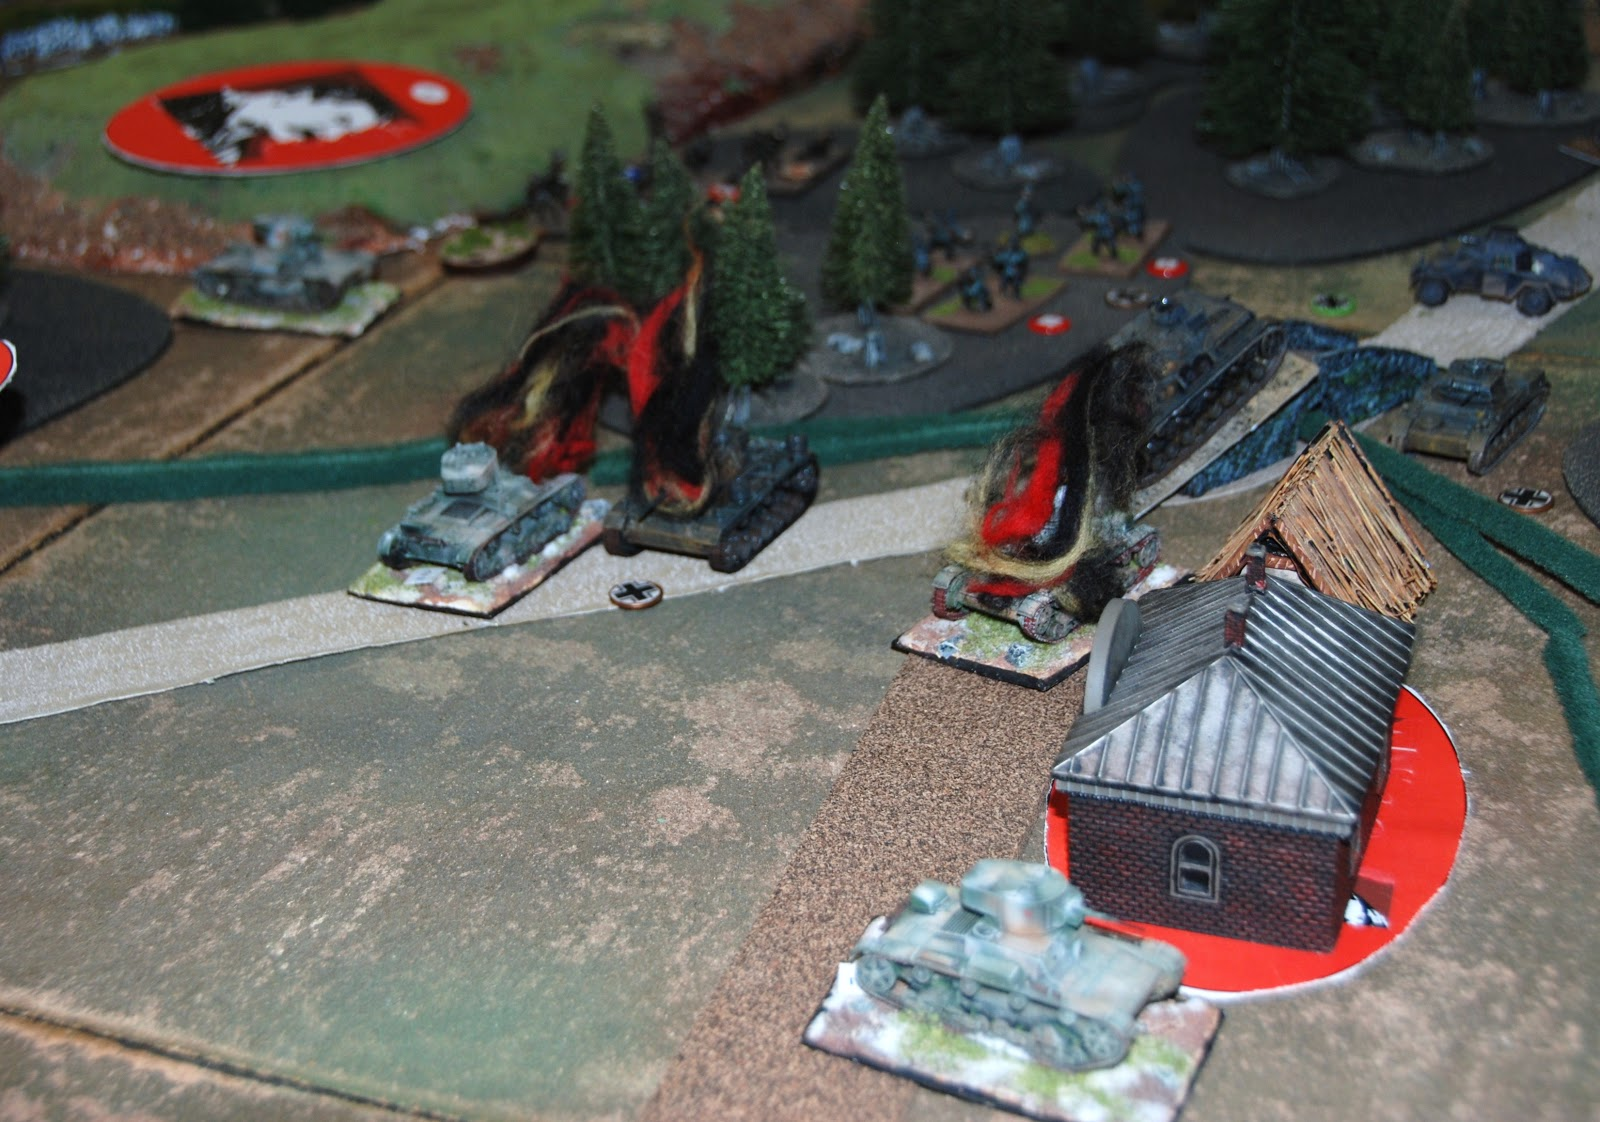 Soviets take revenge